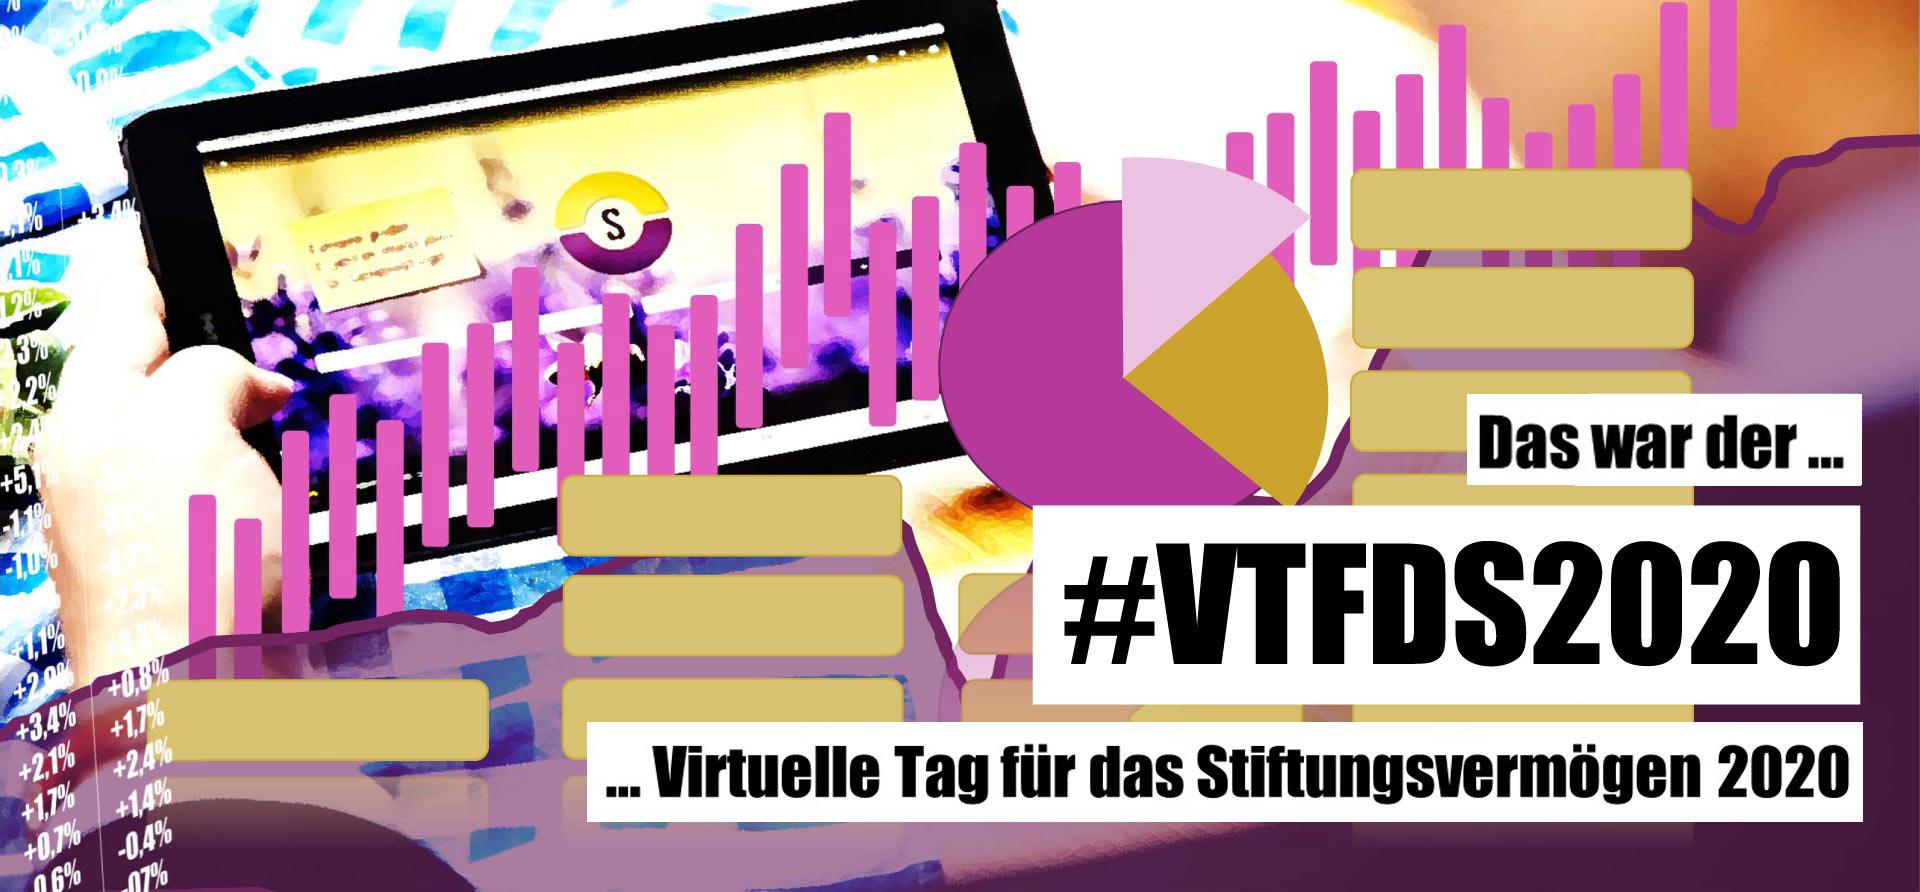 Das war der VTFDS2020